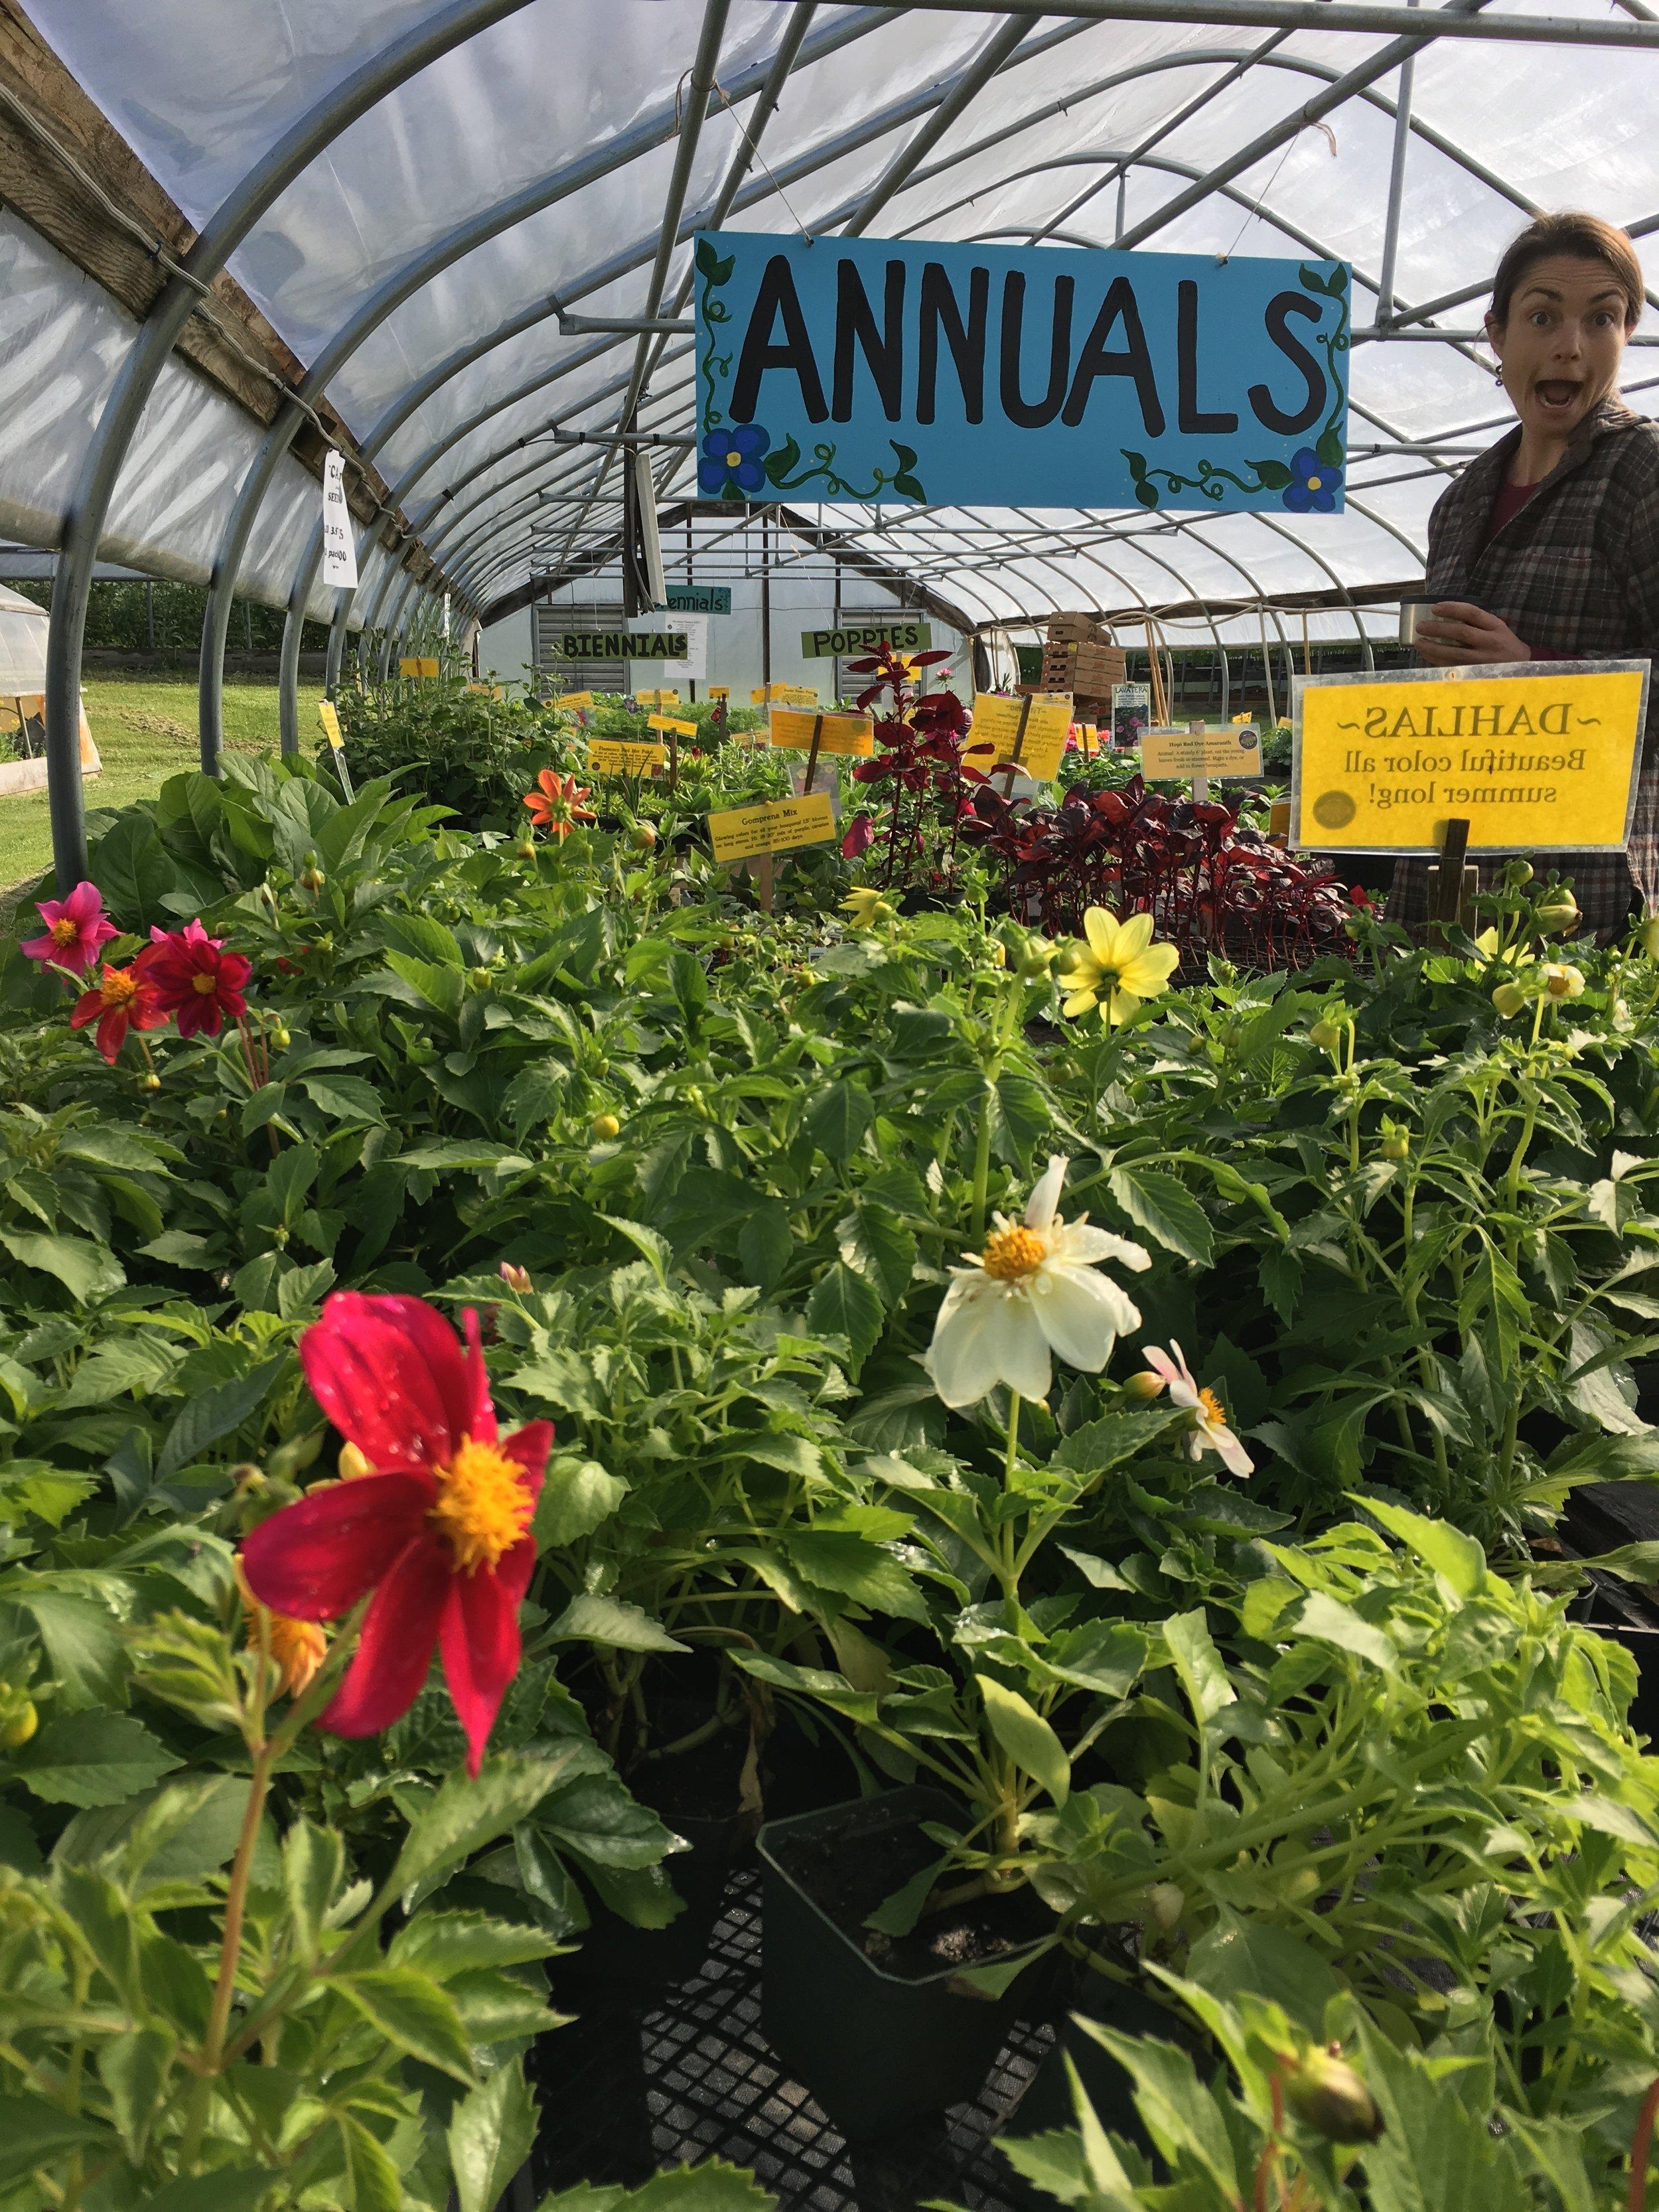 Kuenzi loves seedling sales!